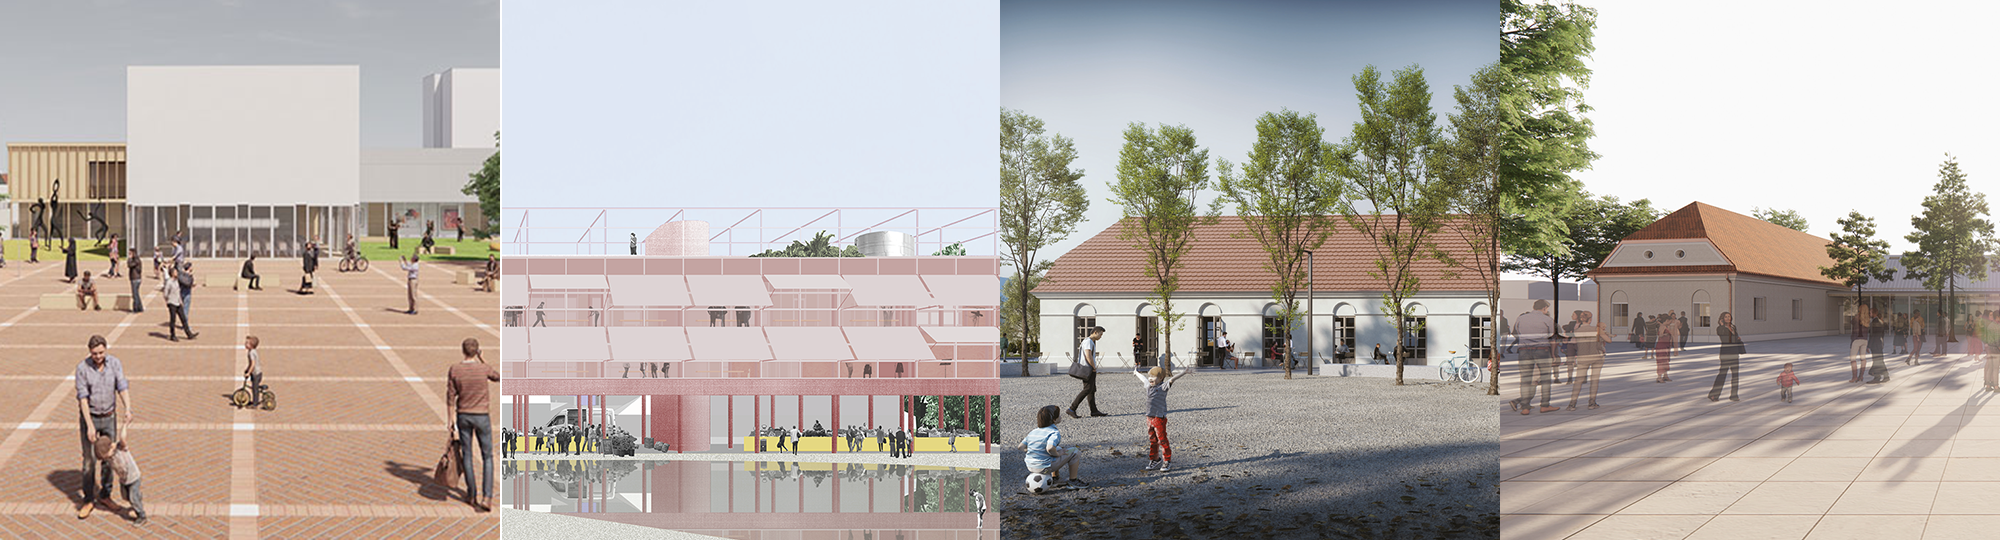 Troyerovo námestie aZákladná umelecká škola / Stupava